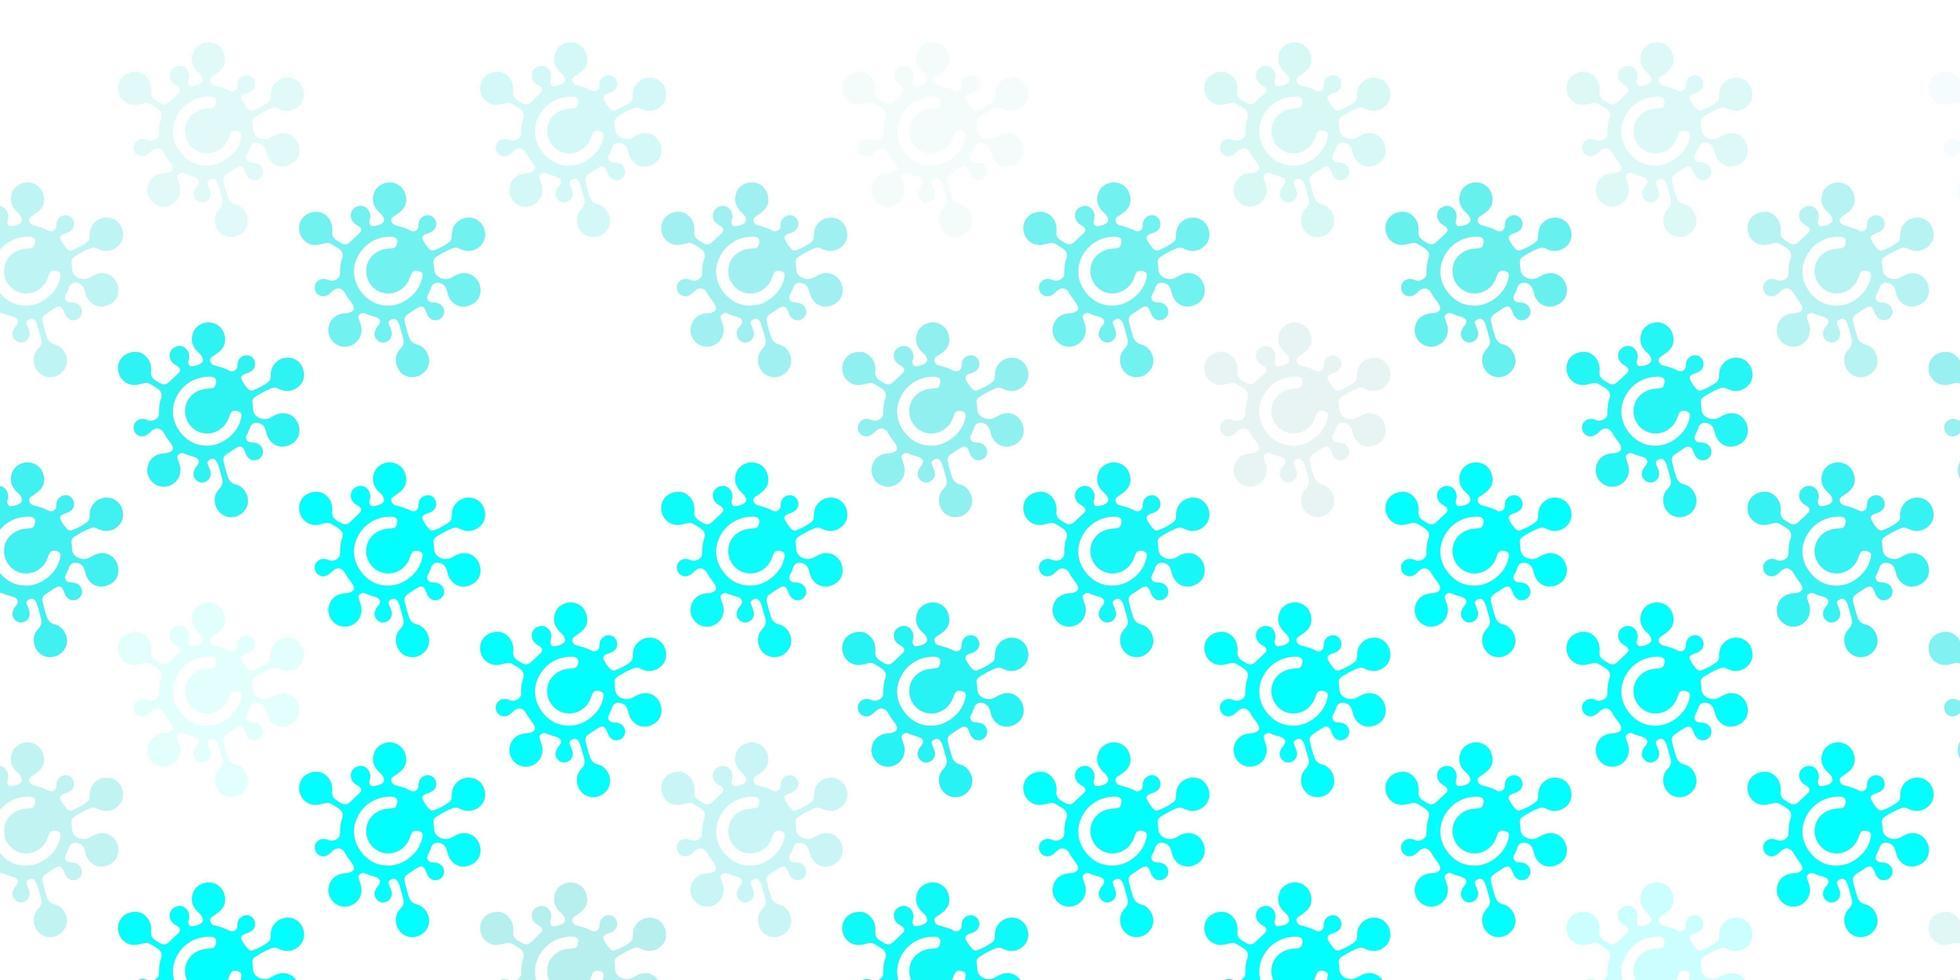 patrón azul claro con elementos de coronavirus. vector